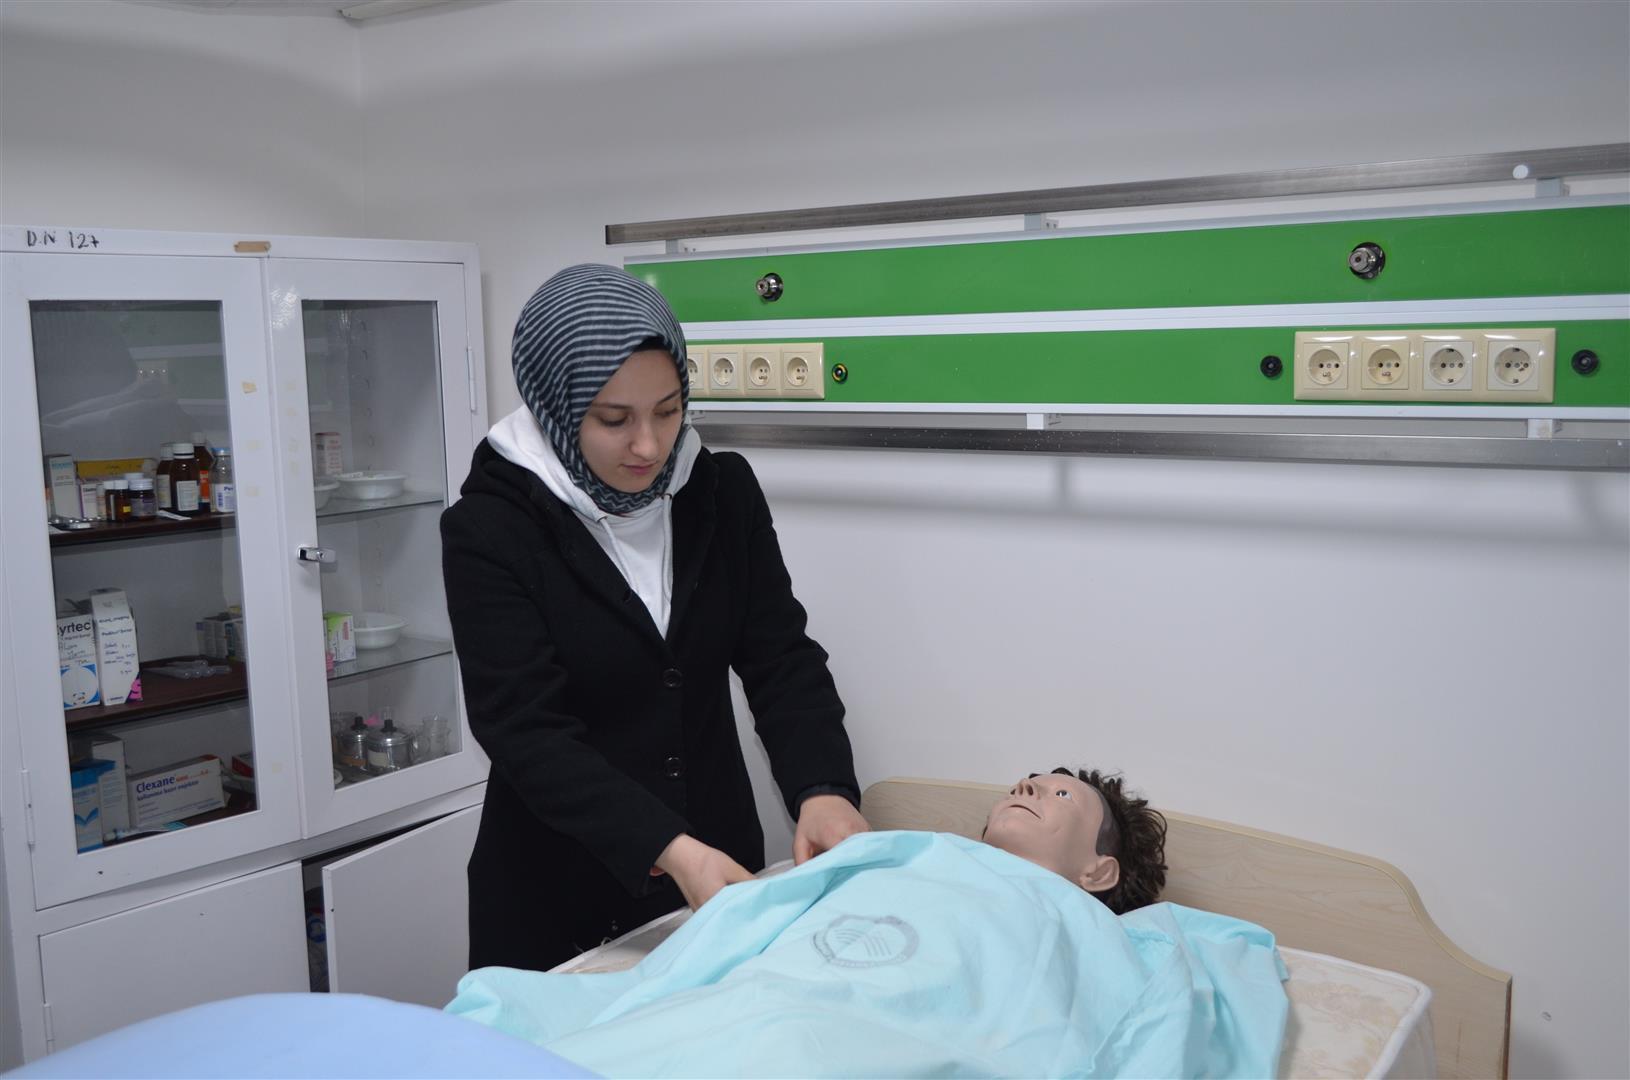 Gazi Mesleki ve Teknik Anadolu Lisesinden Sağlık Bilimleri Fakültesine Teknik Gezi Resim